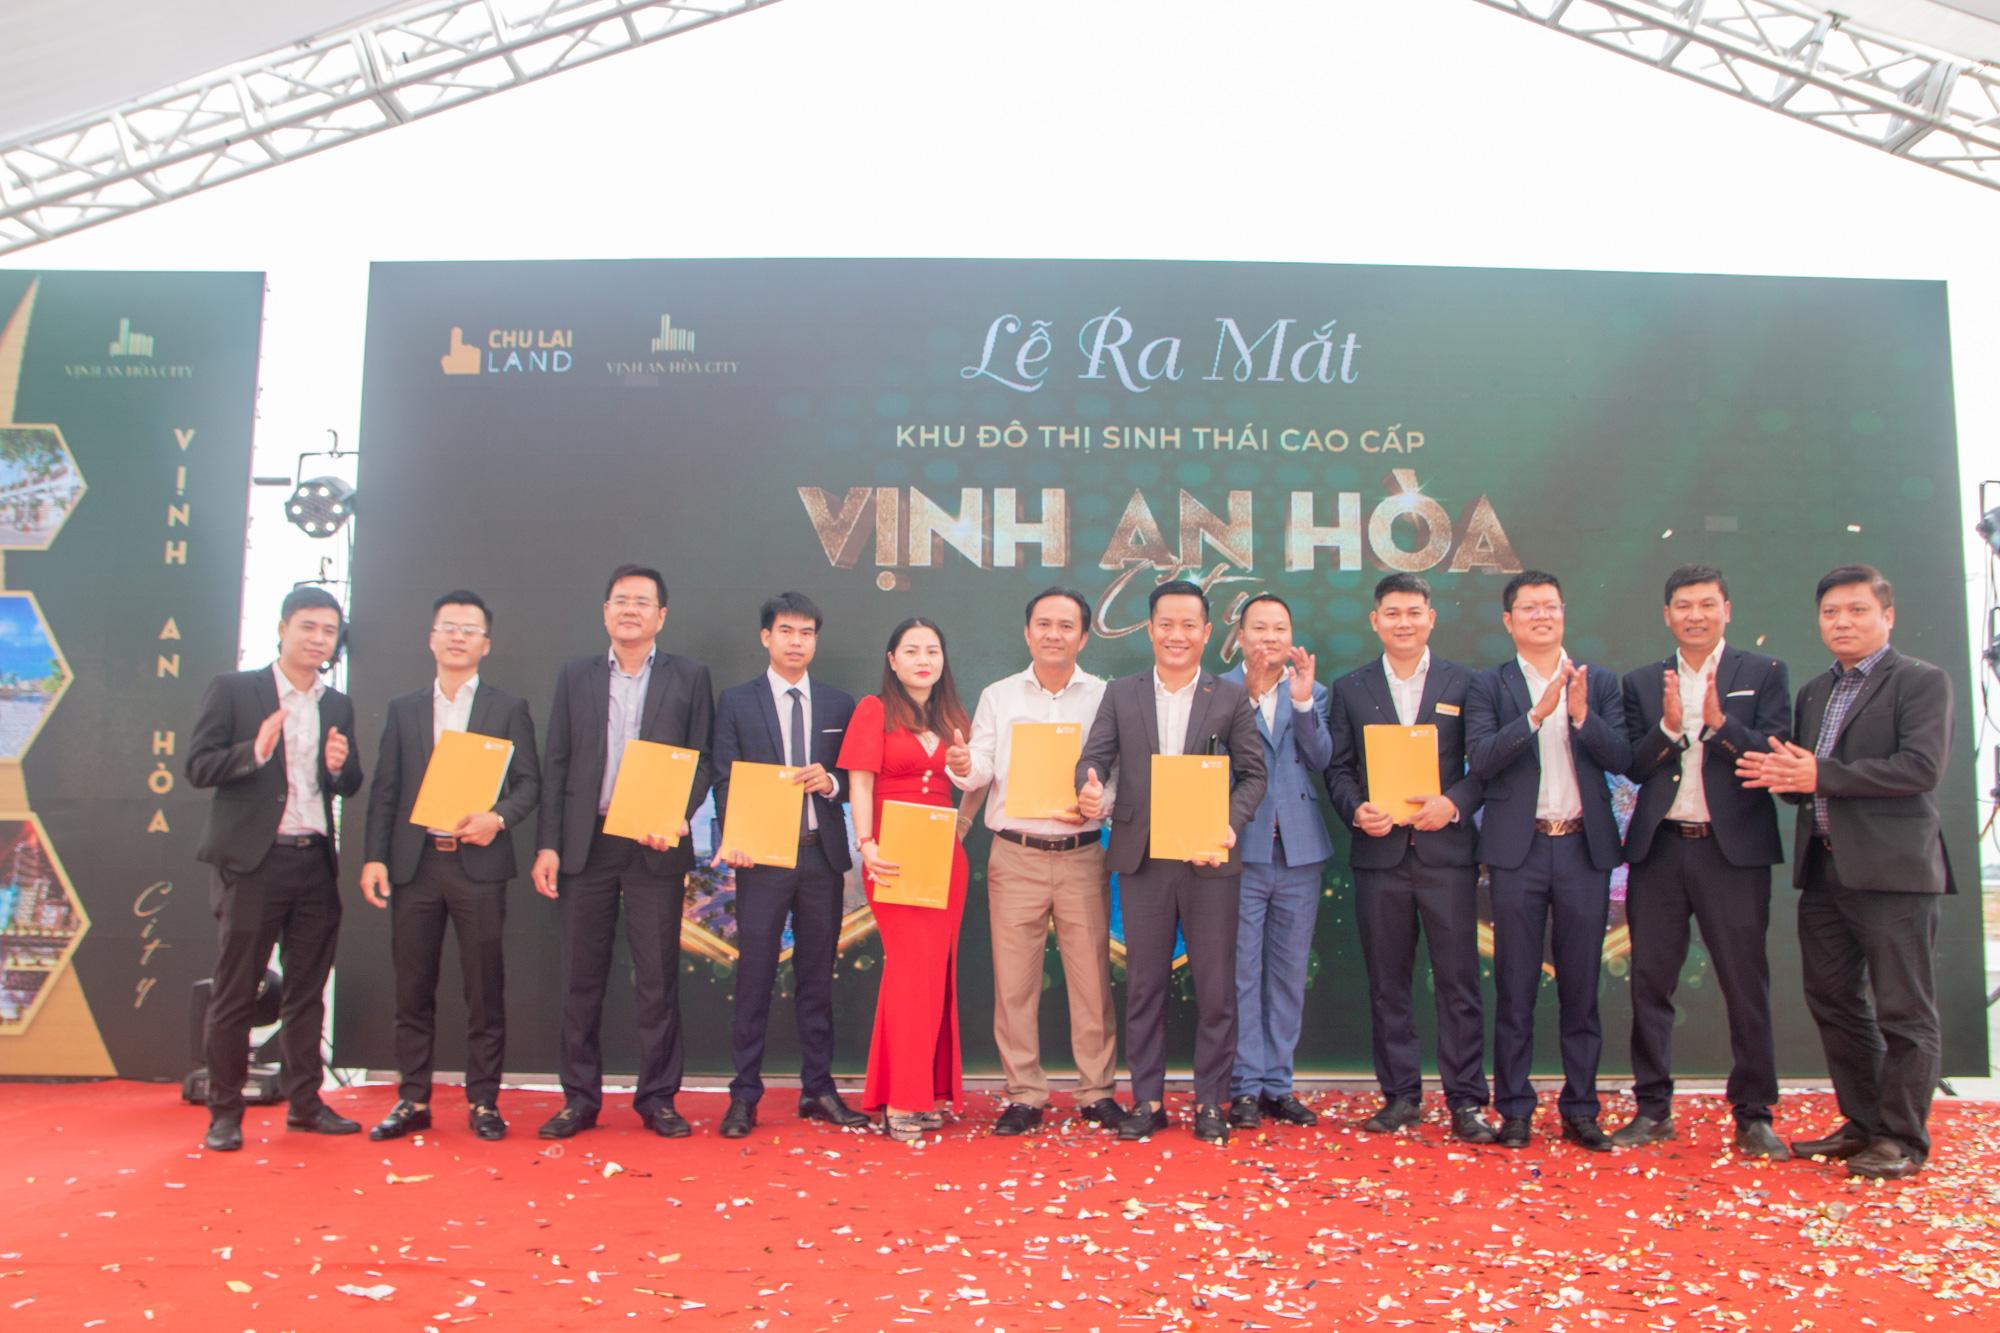 Tập đoàn FVG chính thức ra mắt nhà đầu tư dự án Vịnh An Hòa - Ảnh 1.